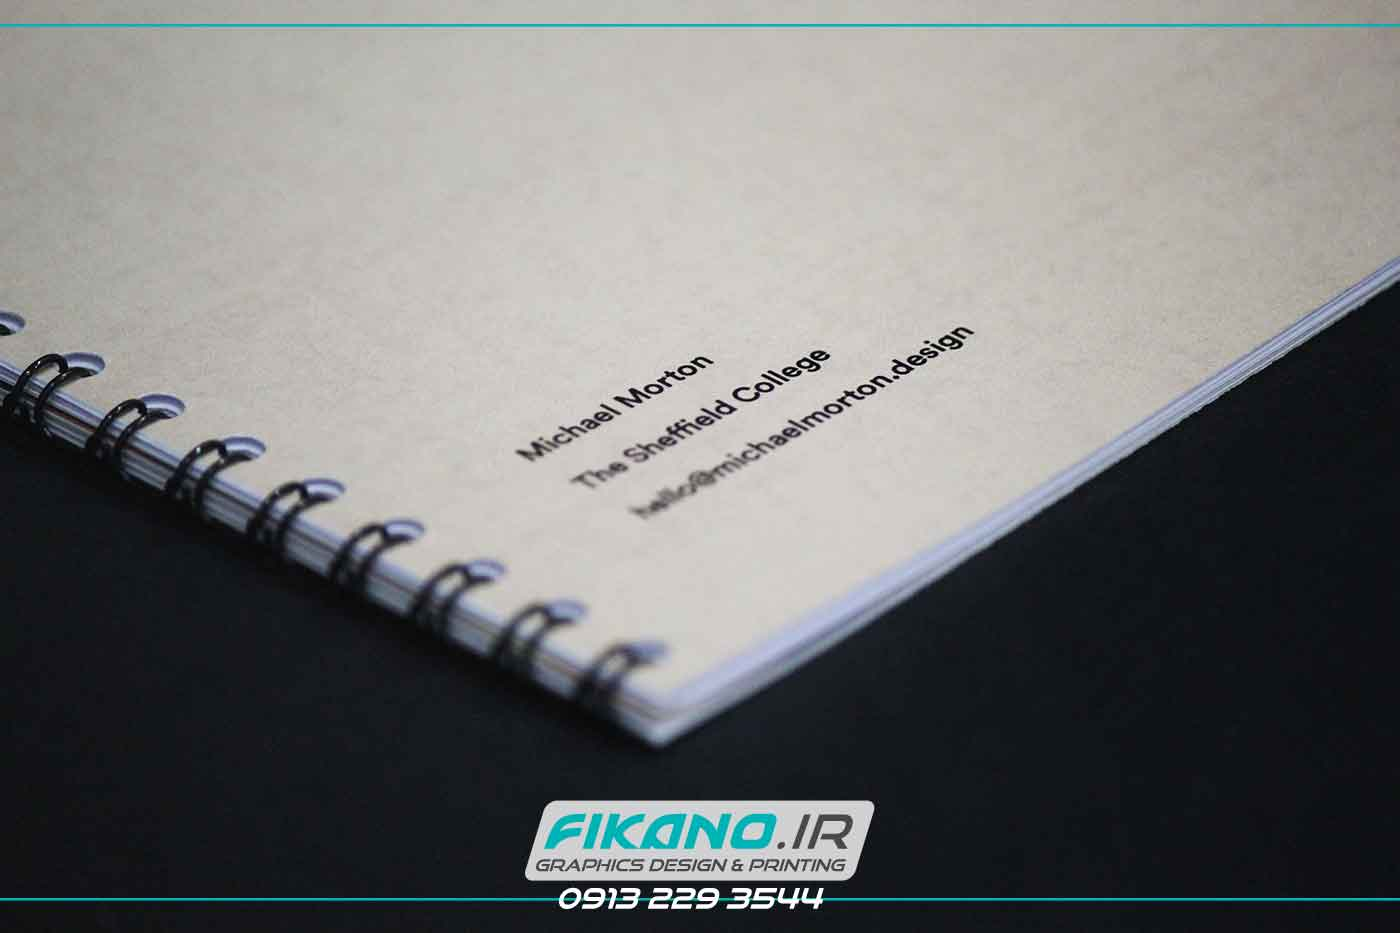 سفارش طراحی برند و طراحی بسته بندی یکپارچه - وب سایت فیکانو www.fikano.ir